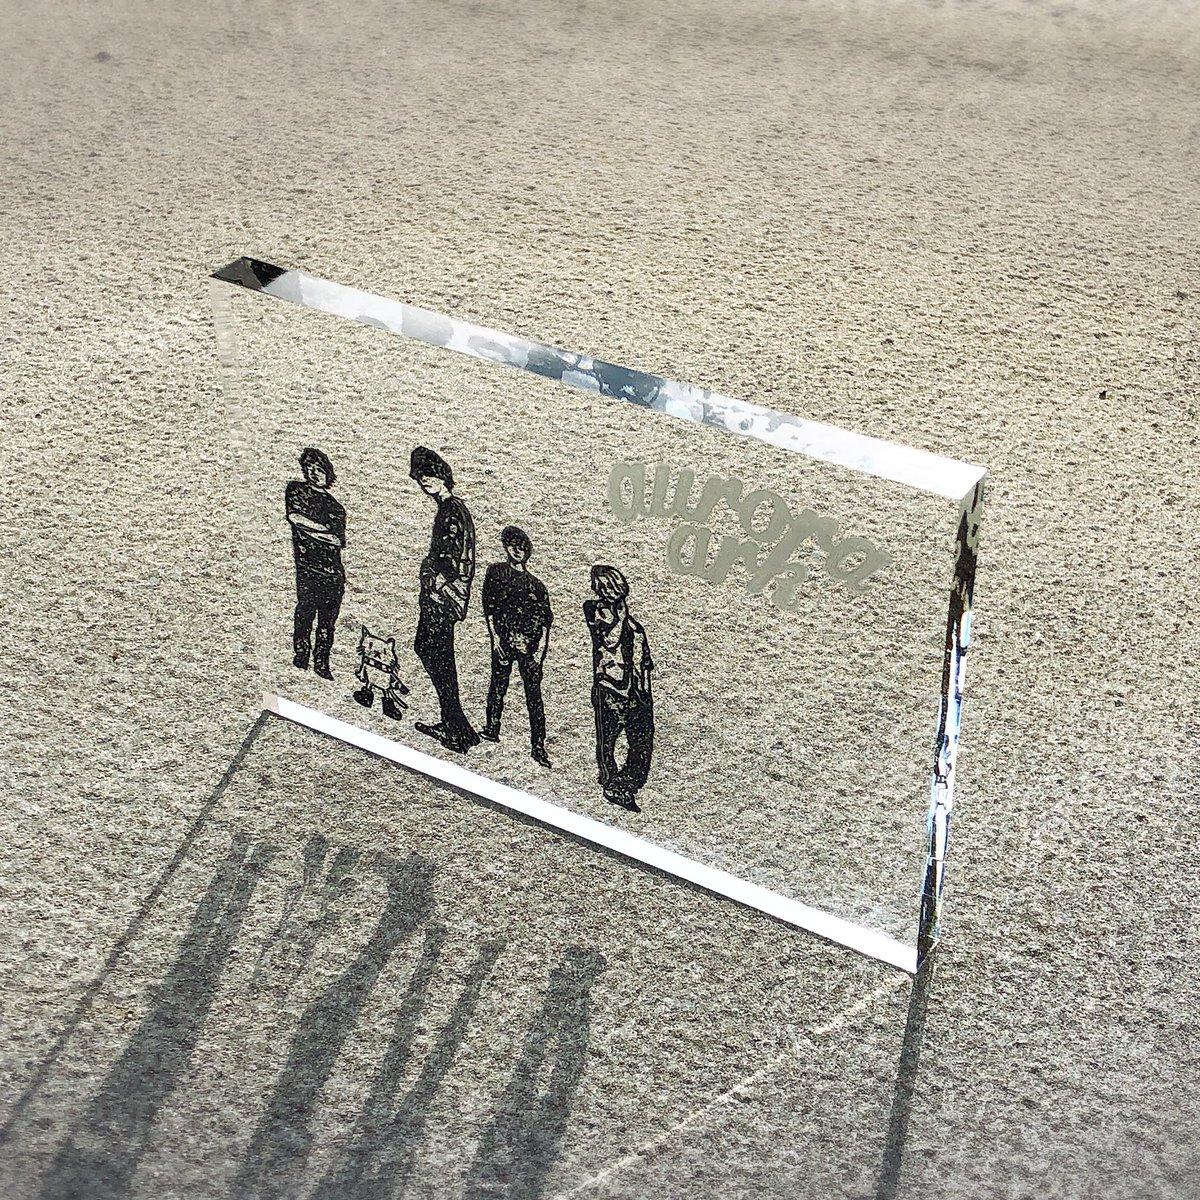 RT @boc_yekkaz: アクリル板があったので買ってみた✨ 良い写真すぎませんか💫 #BUMP #消しゴムはんこ https://t.co/LlKtTa2X2M